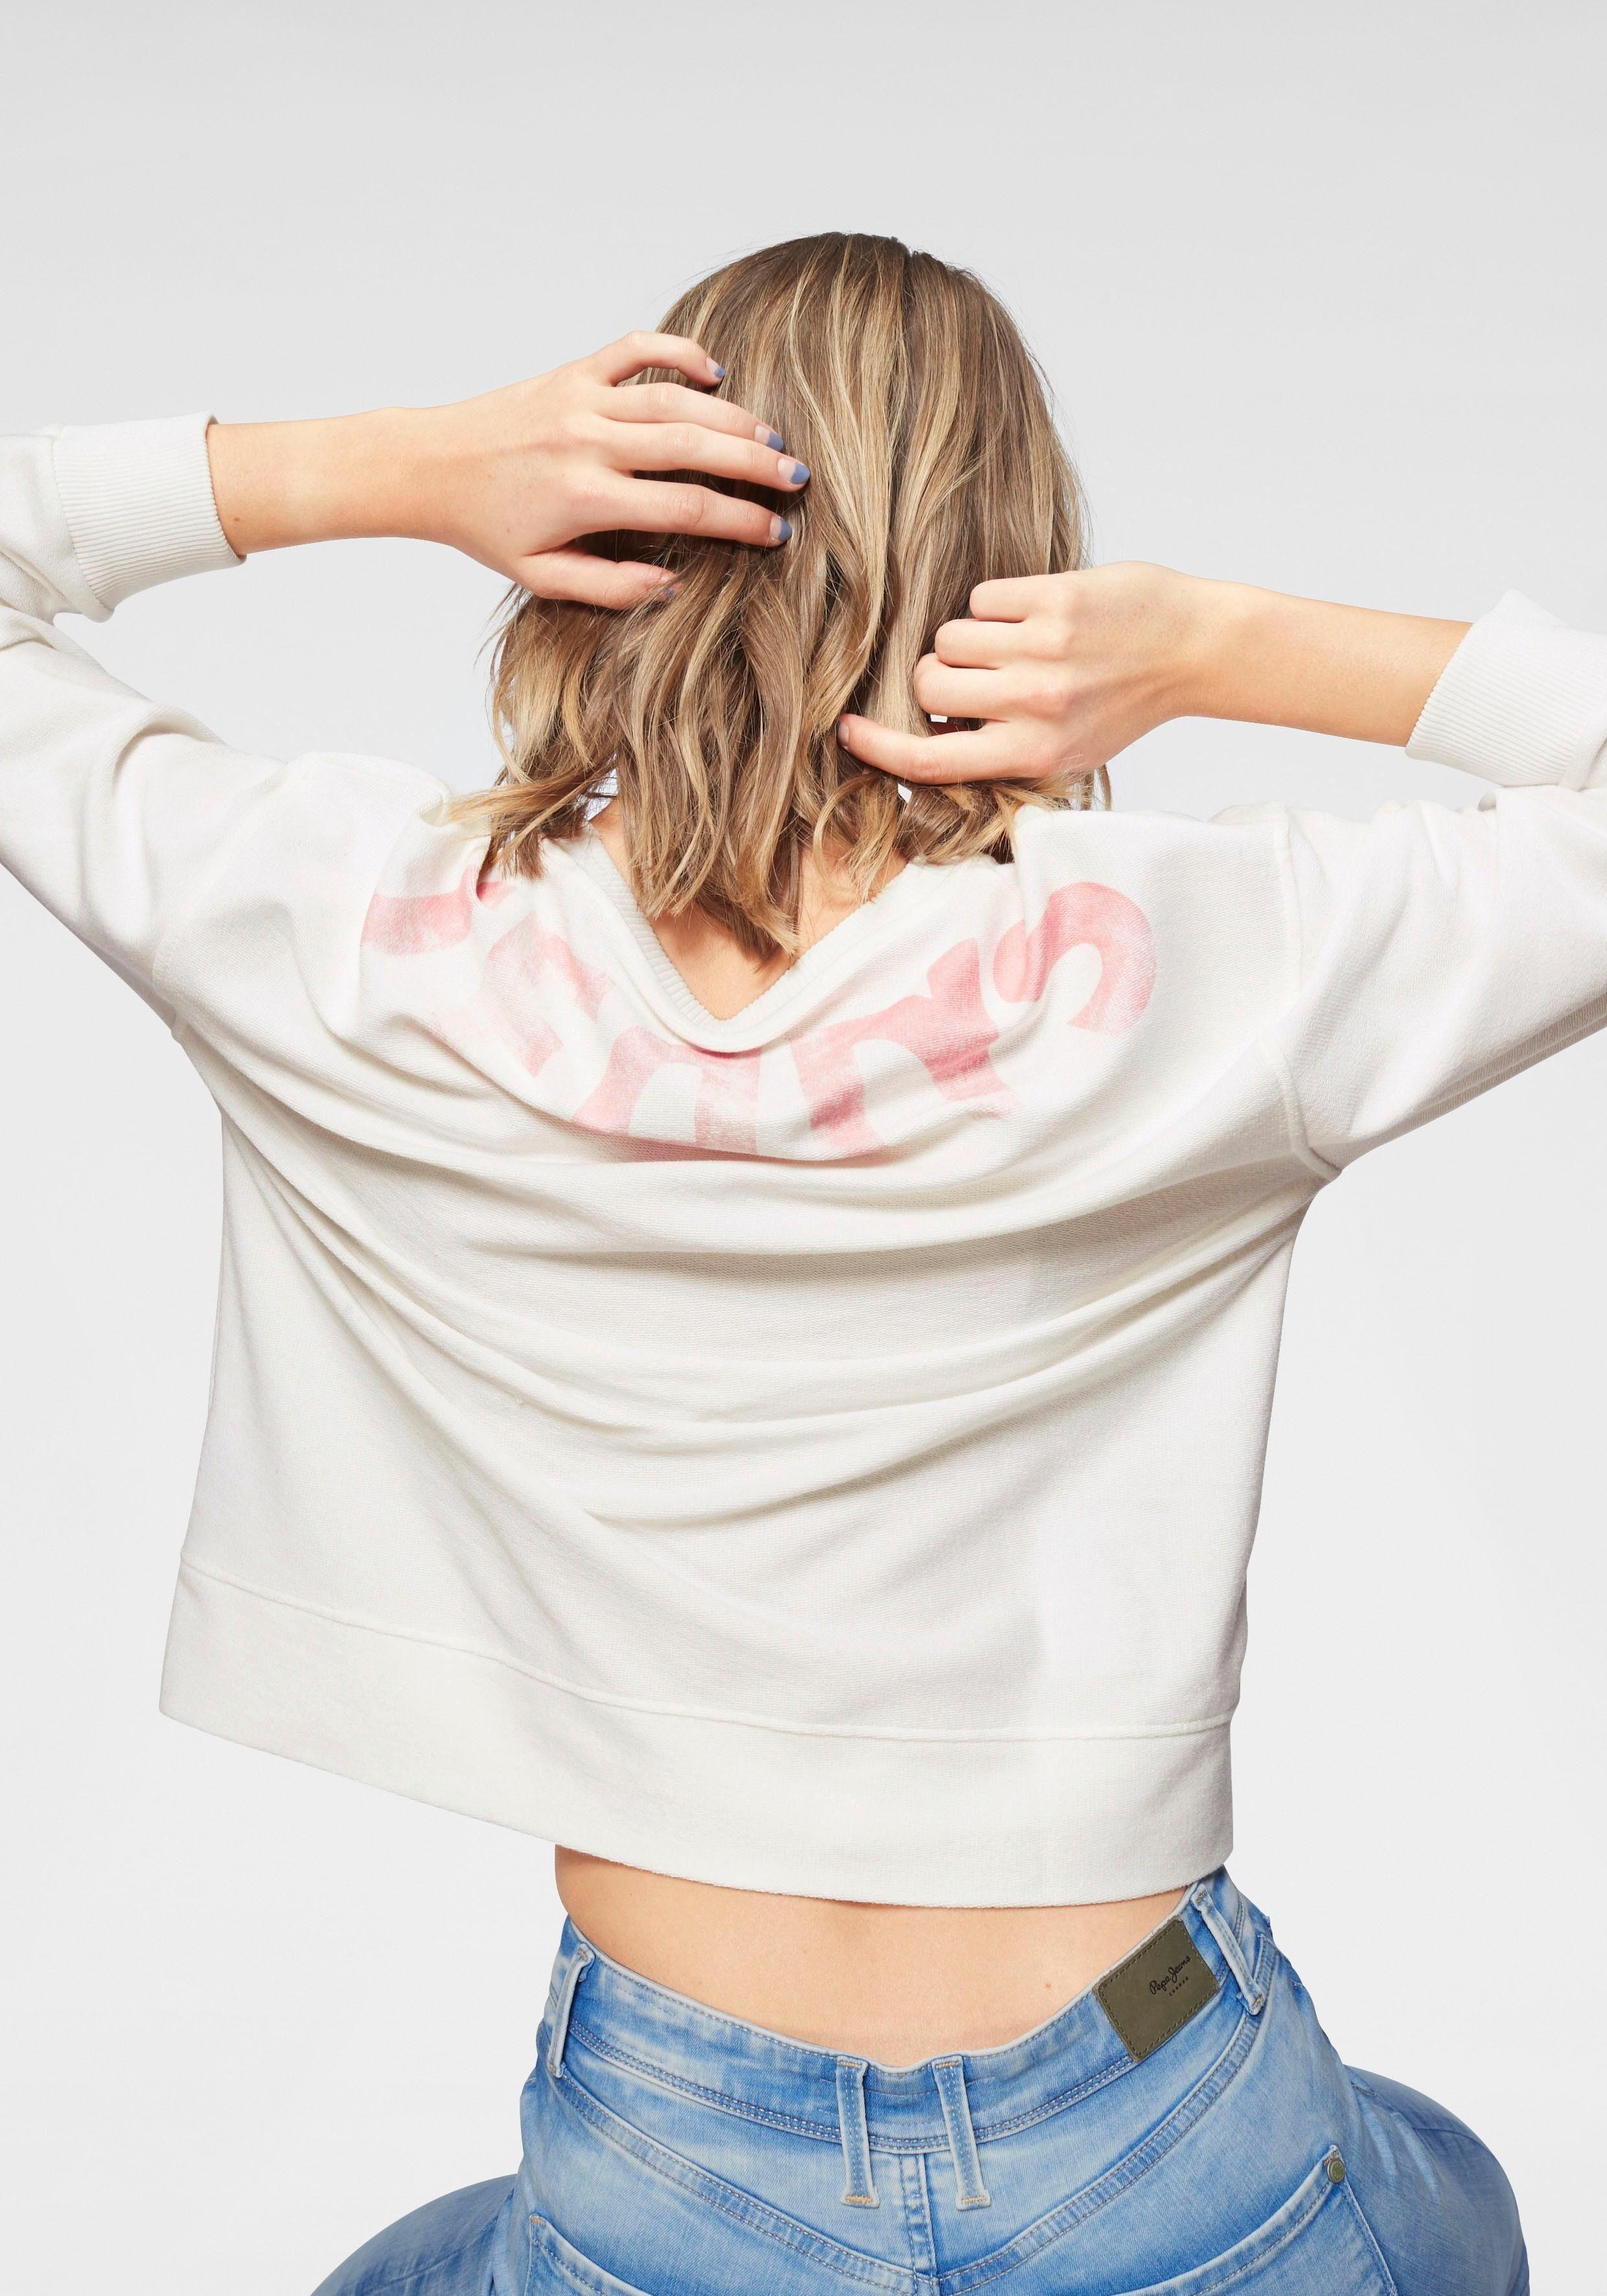 Logoprint Jeans Pepe Sweatshirt Mit Farbigen »primrose« wgRYqfT